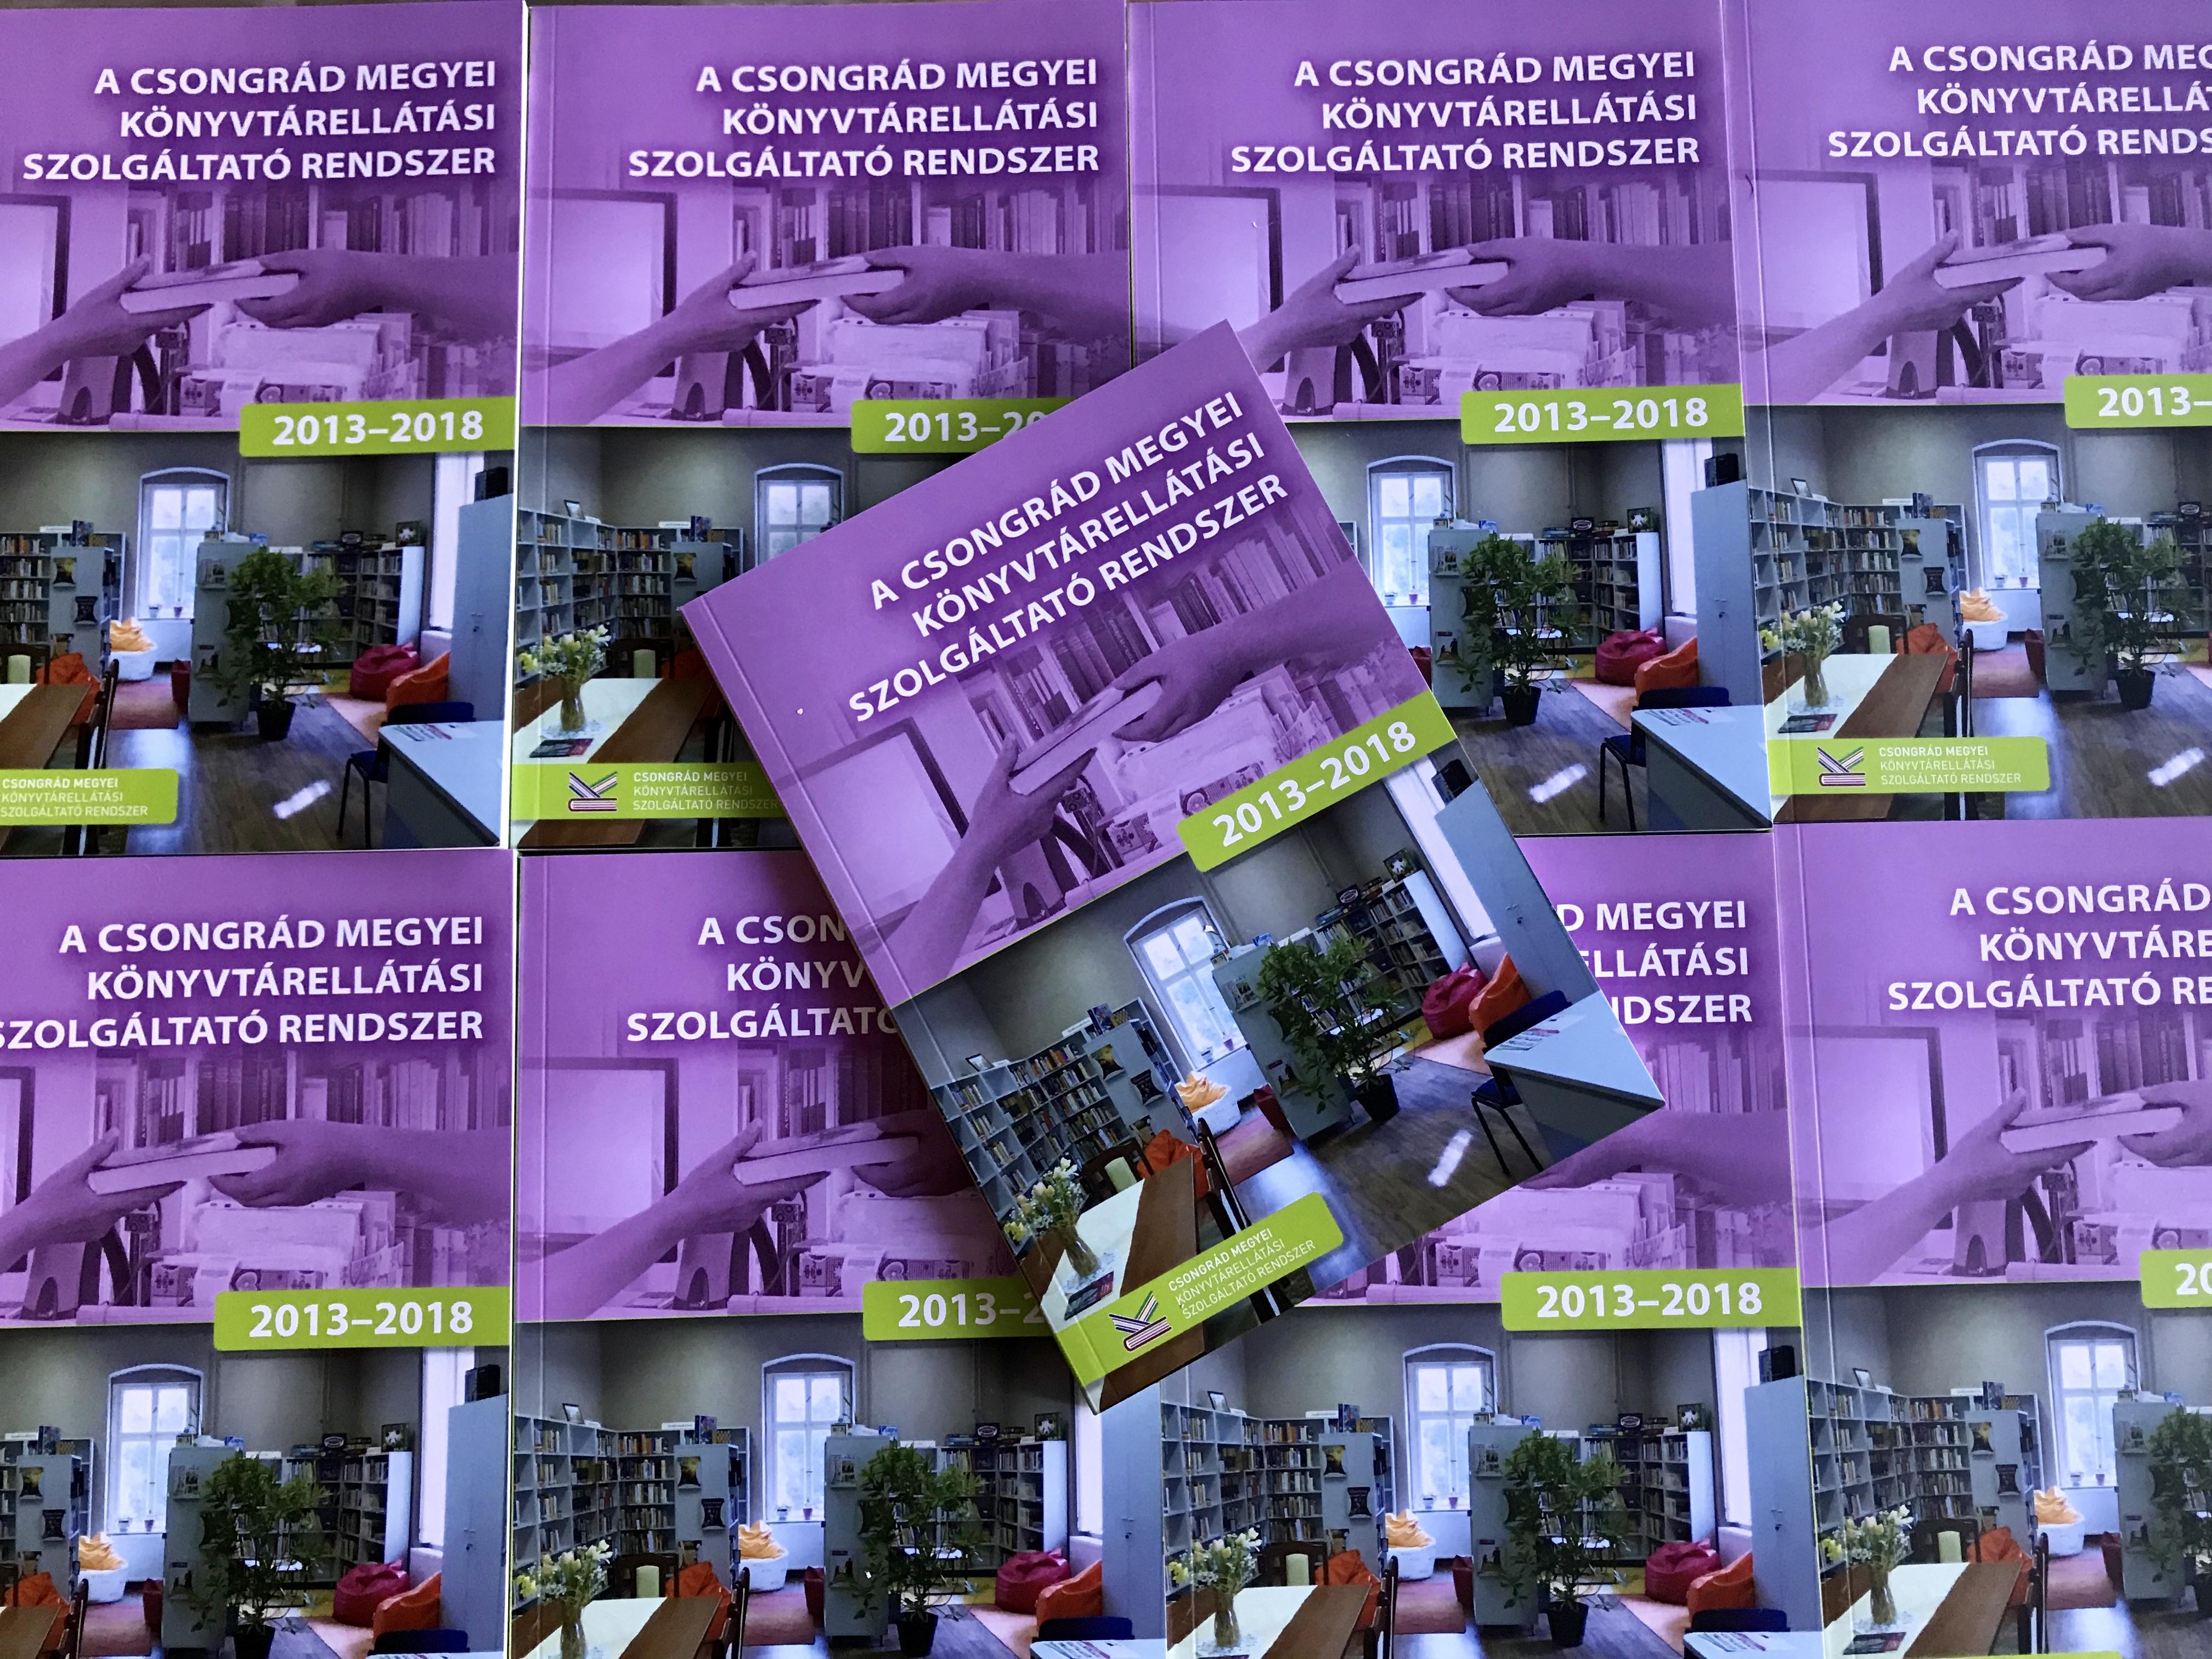 A Csongrád Megyei KSZR 2013-2018 kiadvány